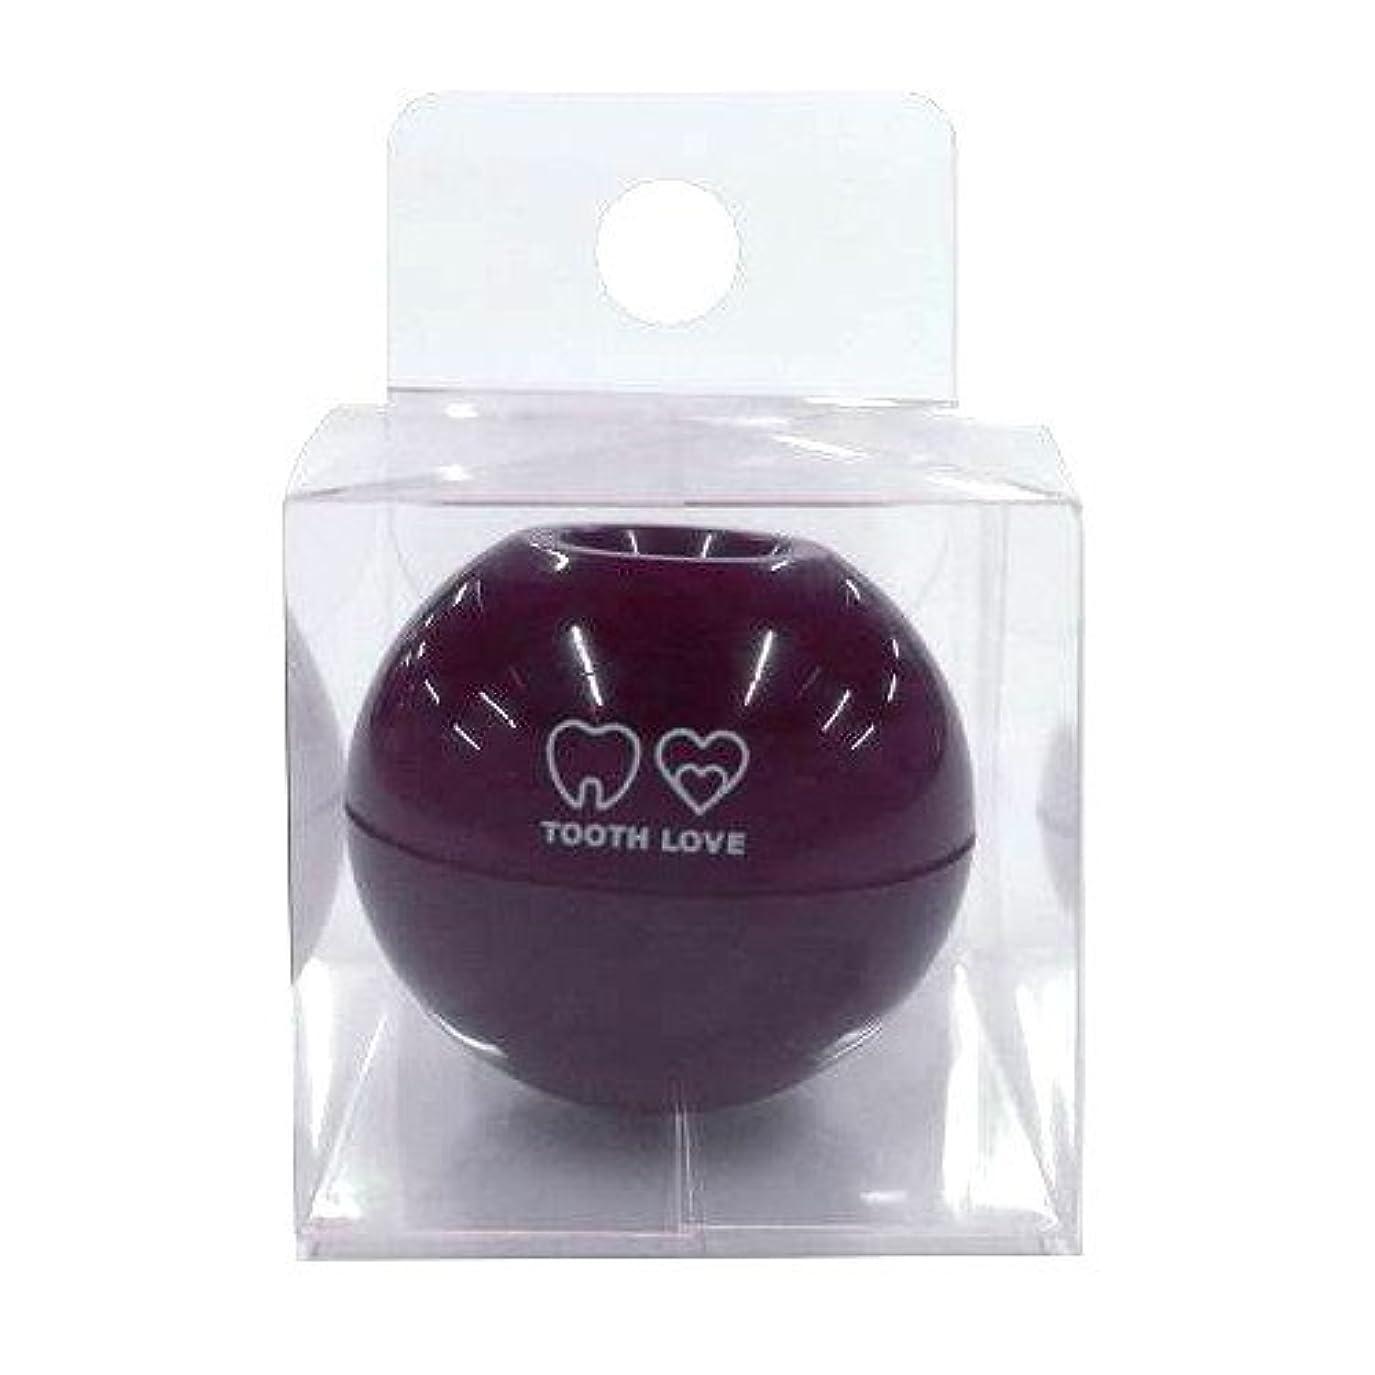 オーナメント人工コットンTOOTH LOVE BALL ホルダー (歯間ブラシホルダー) ブラウン